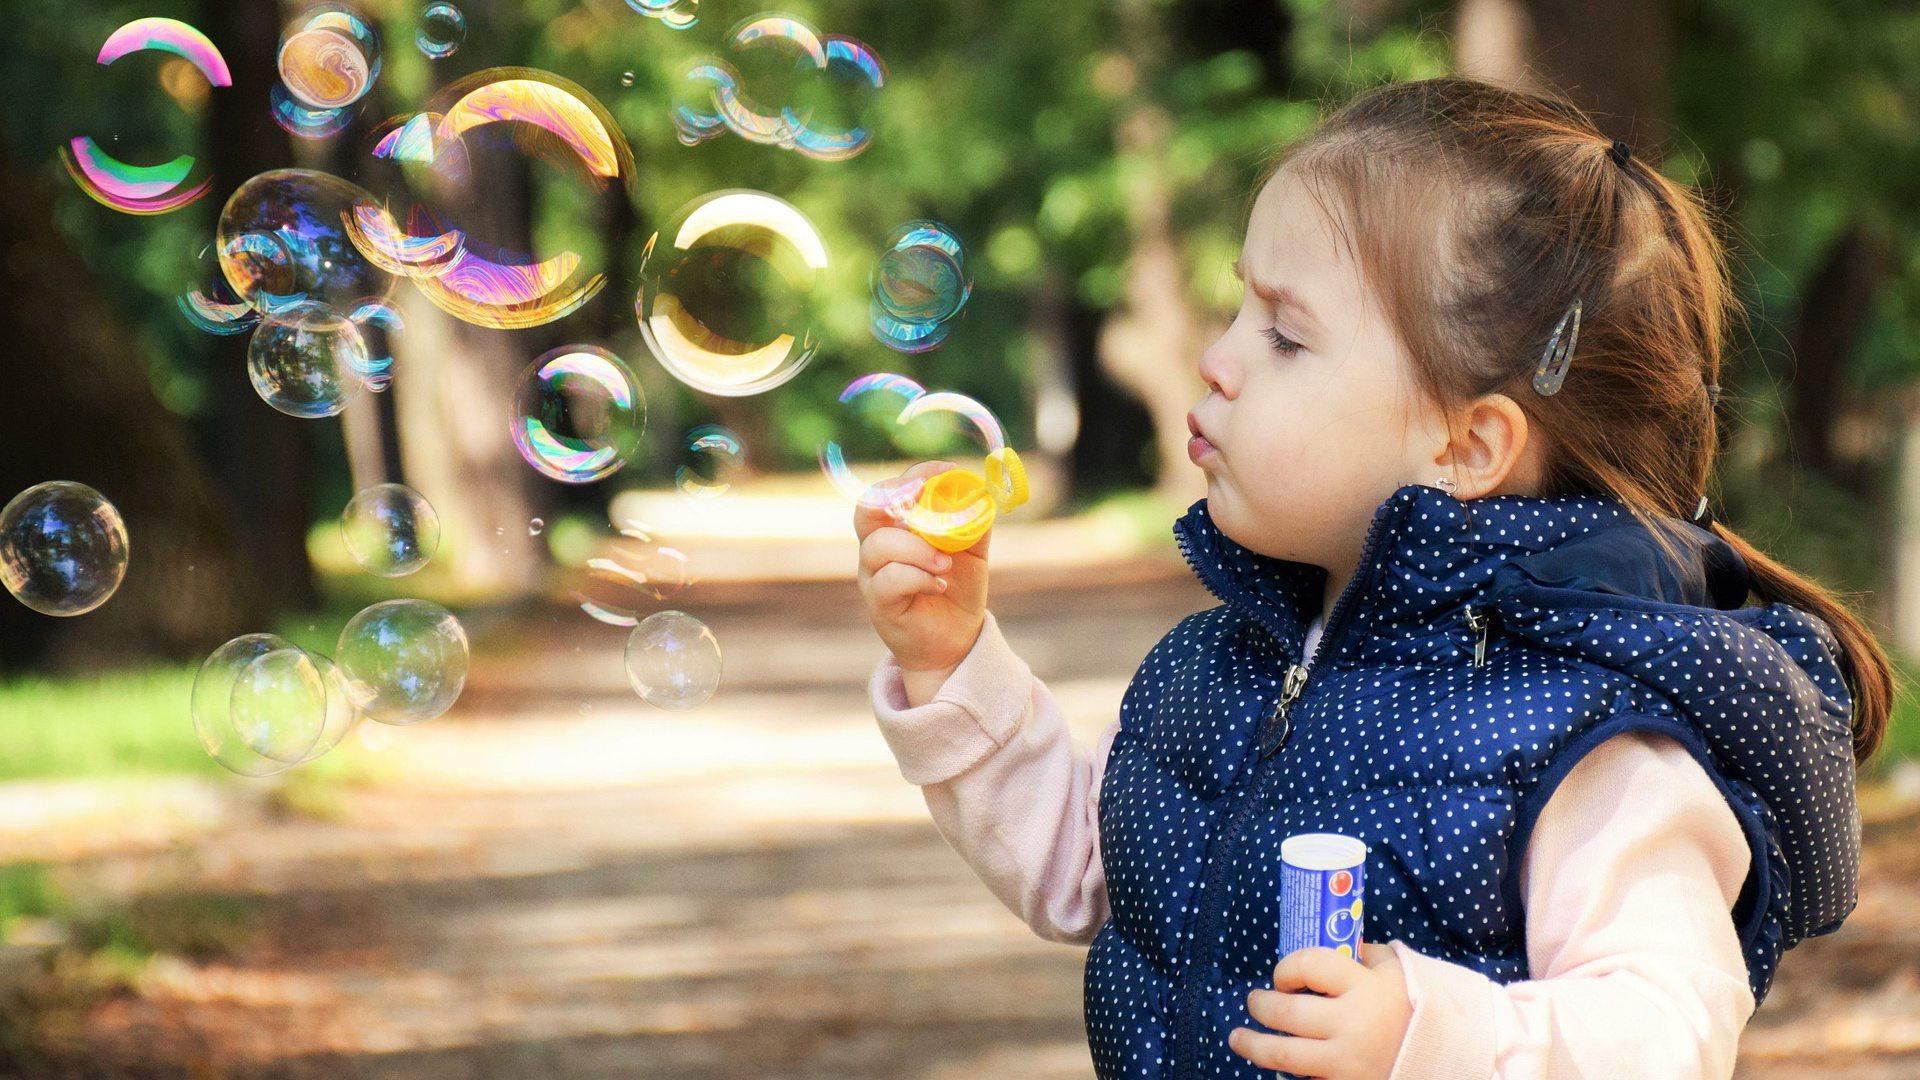 bambina con bolle di sapone